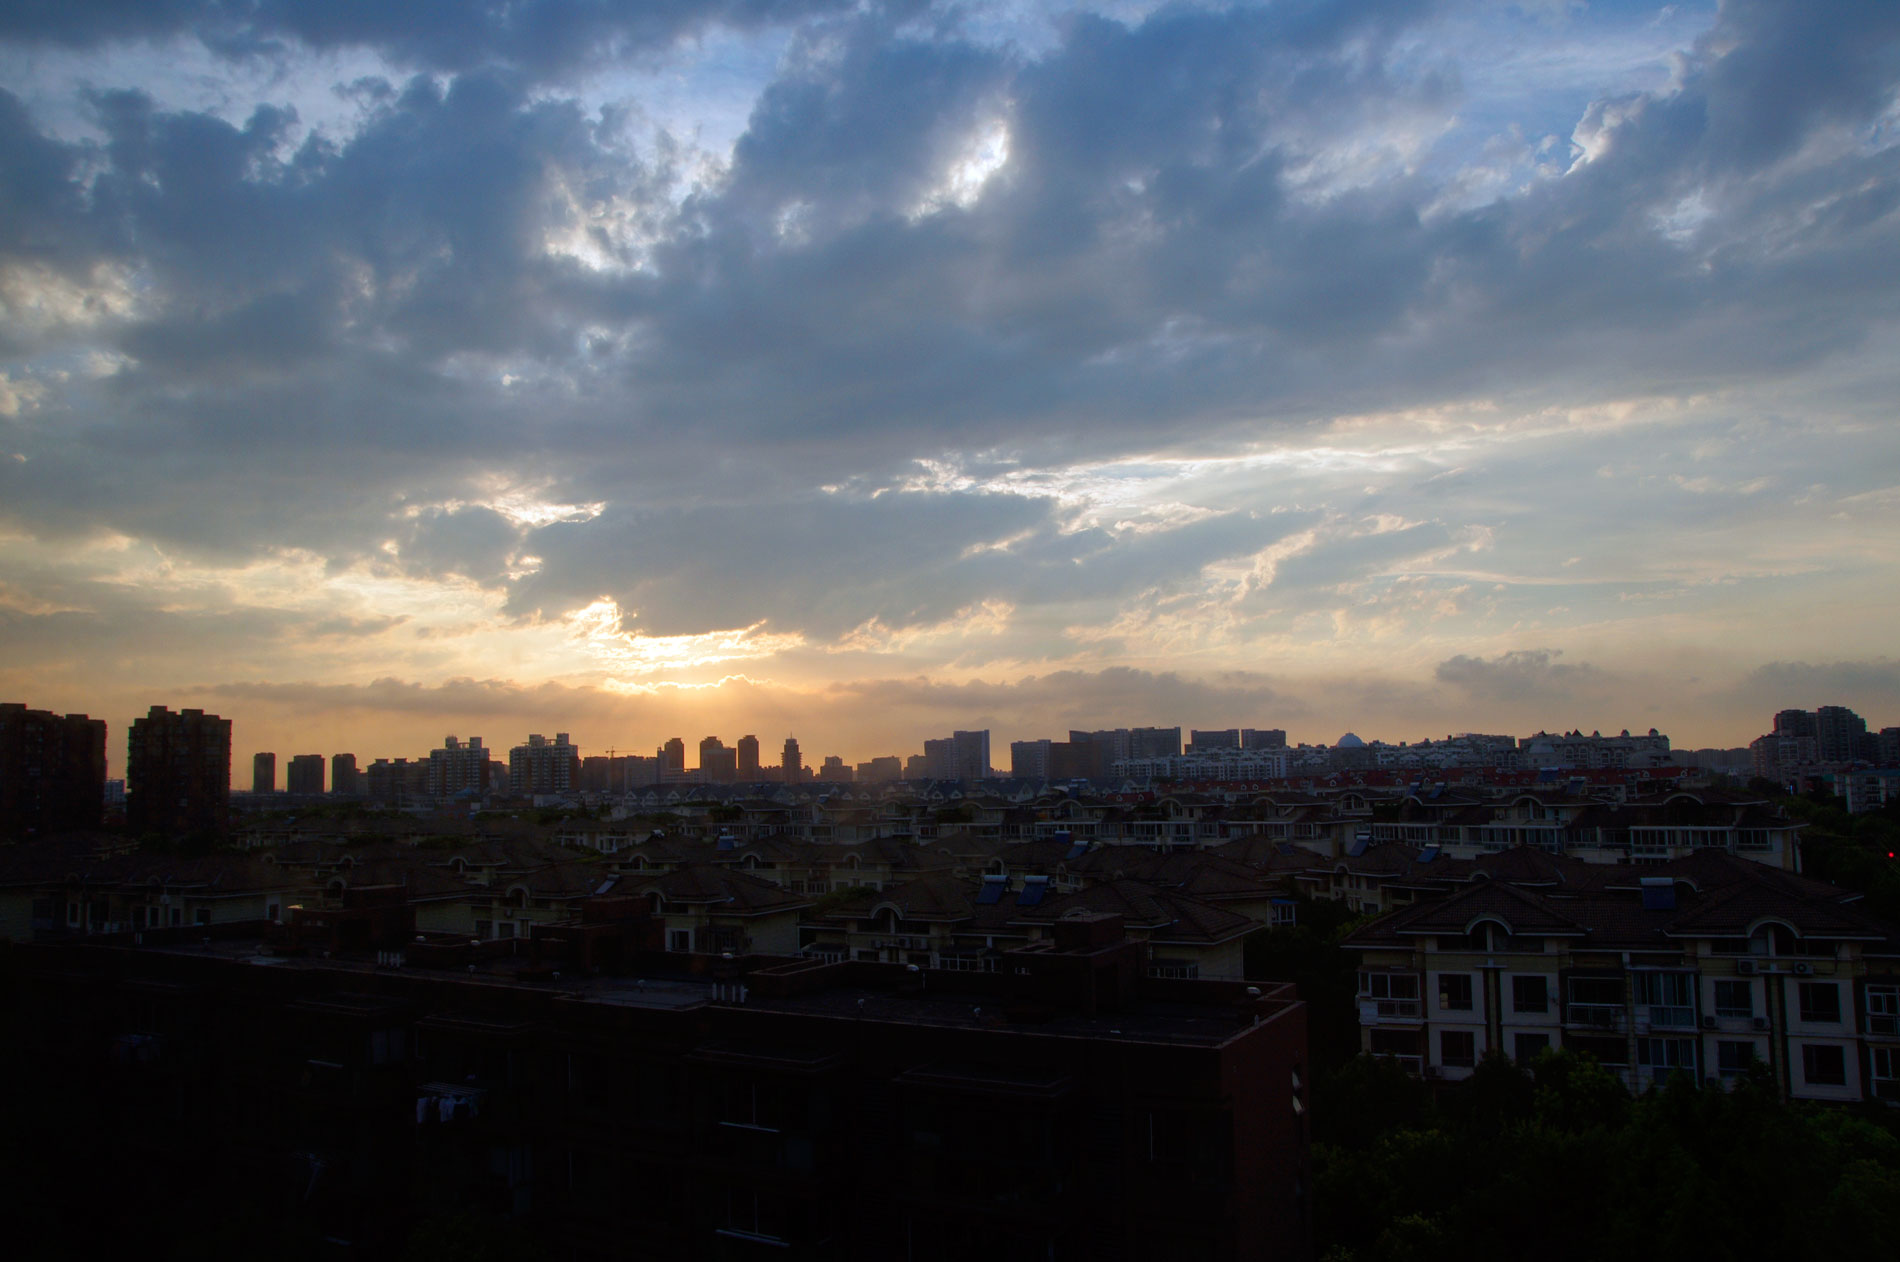 美丽的风光——夕阳西下